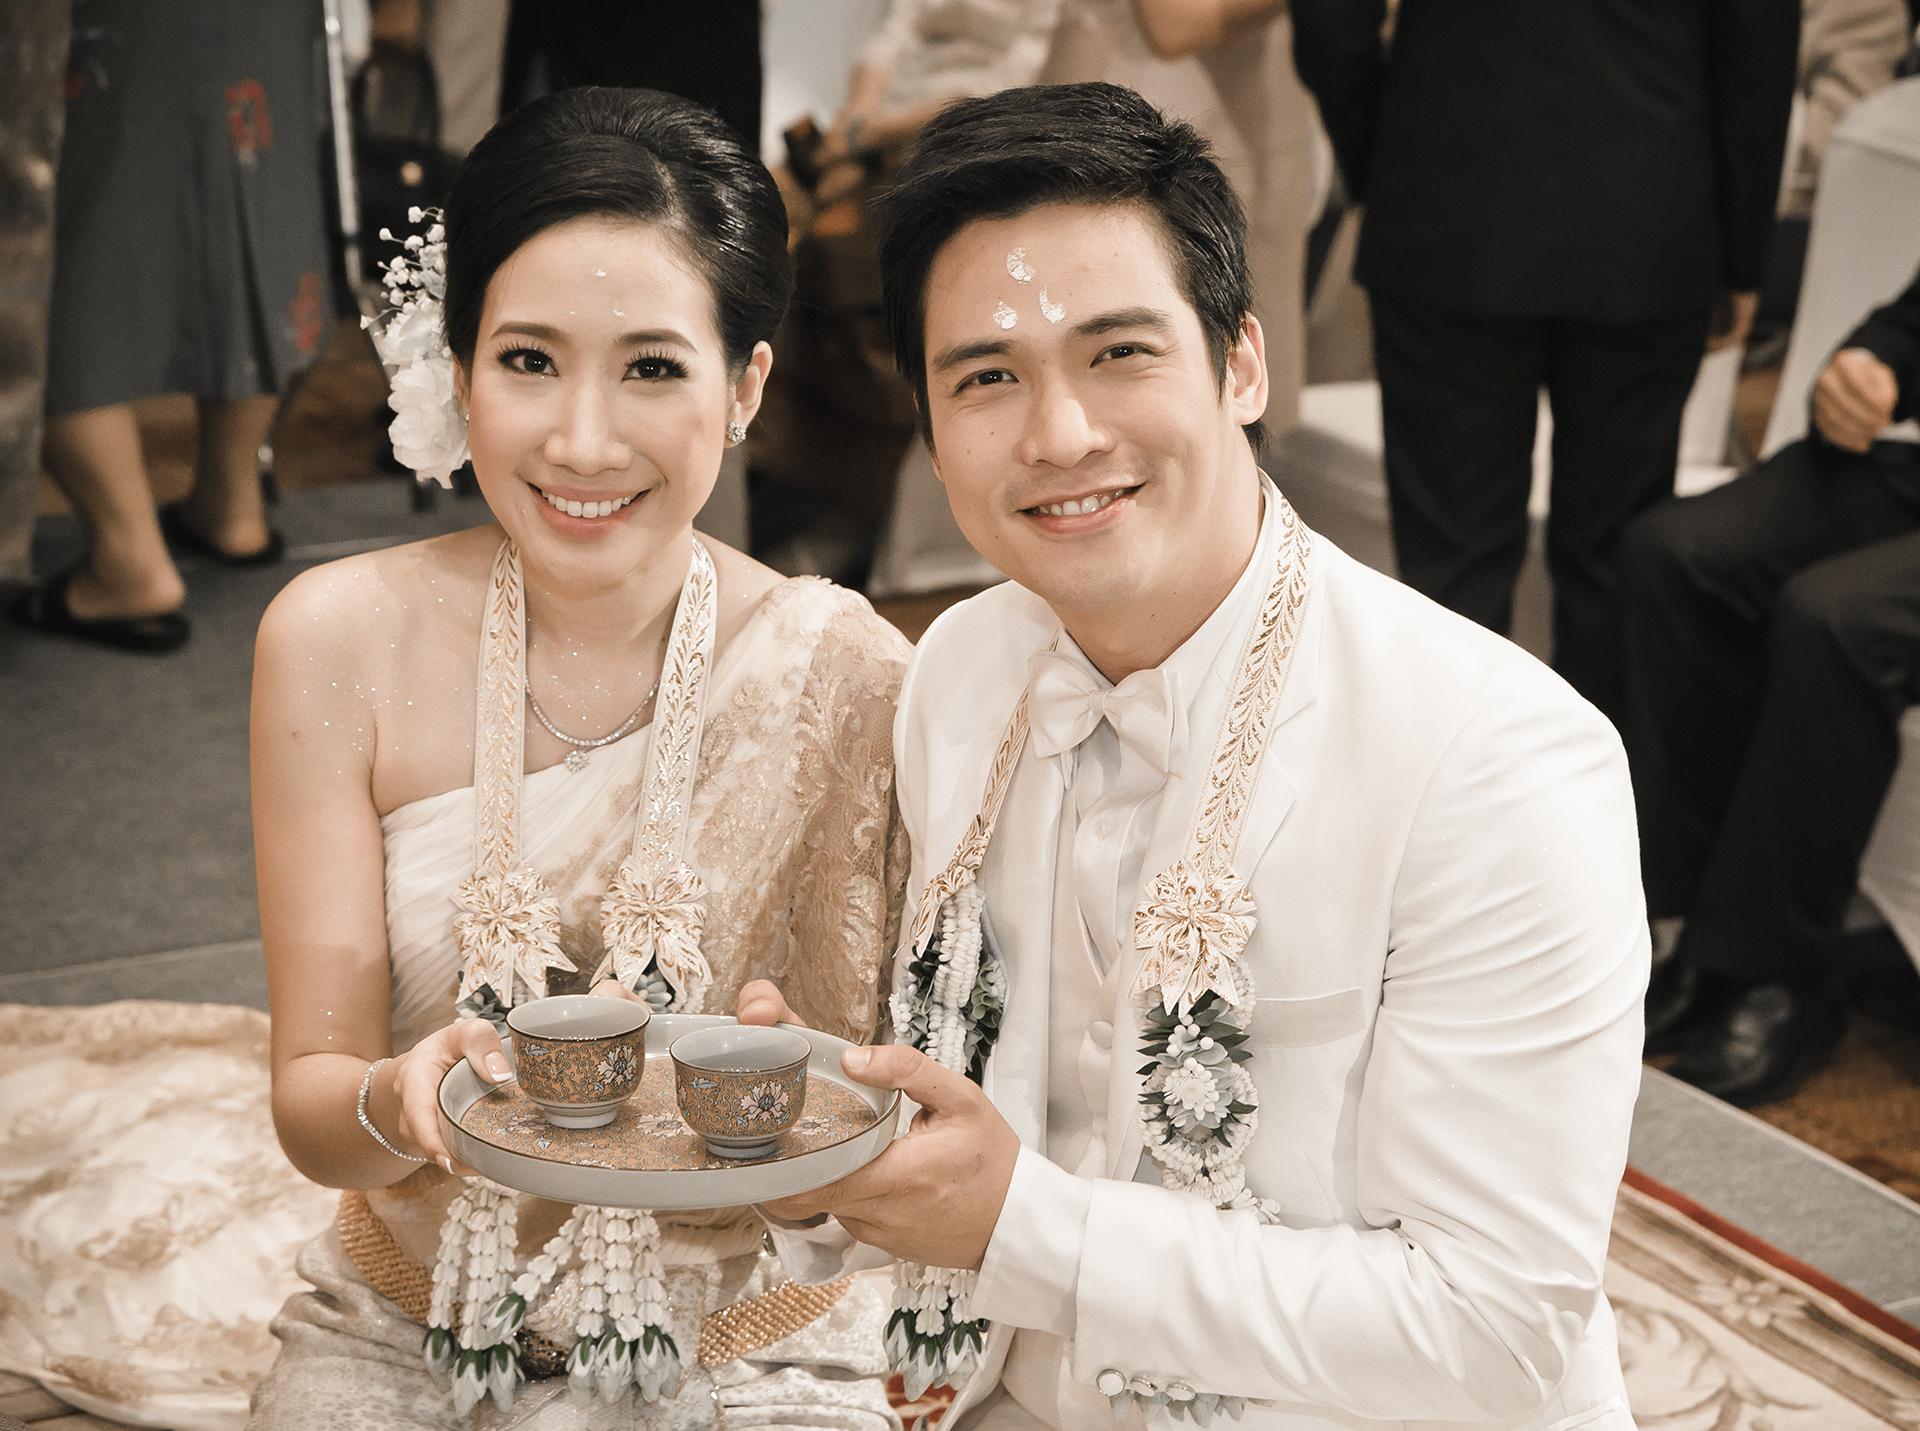 Thai style wedding